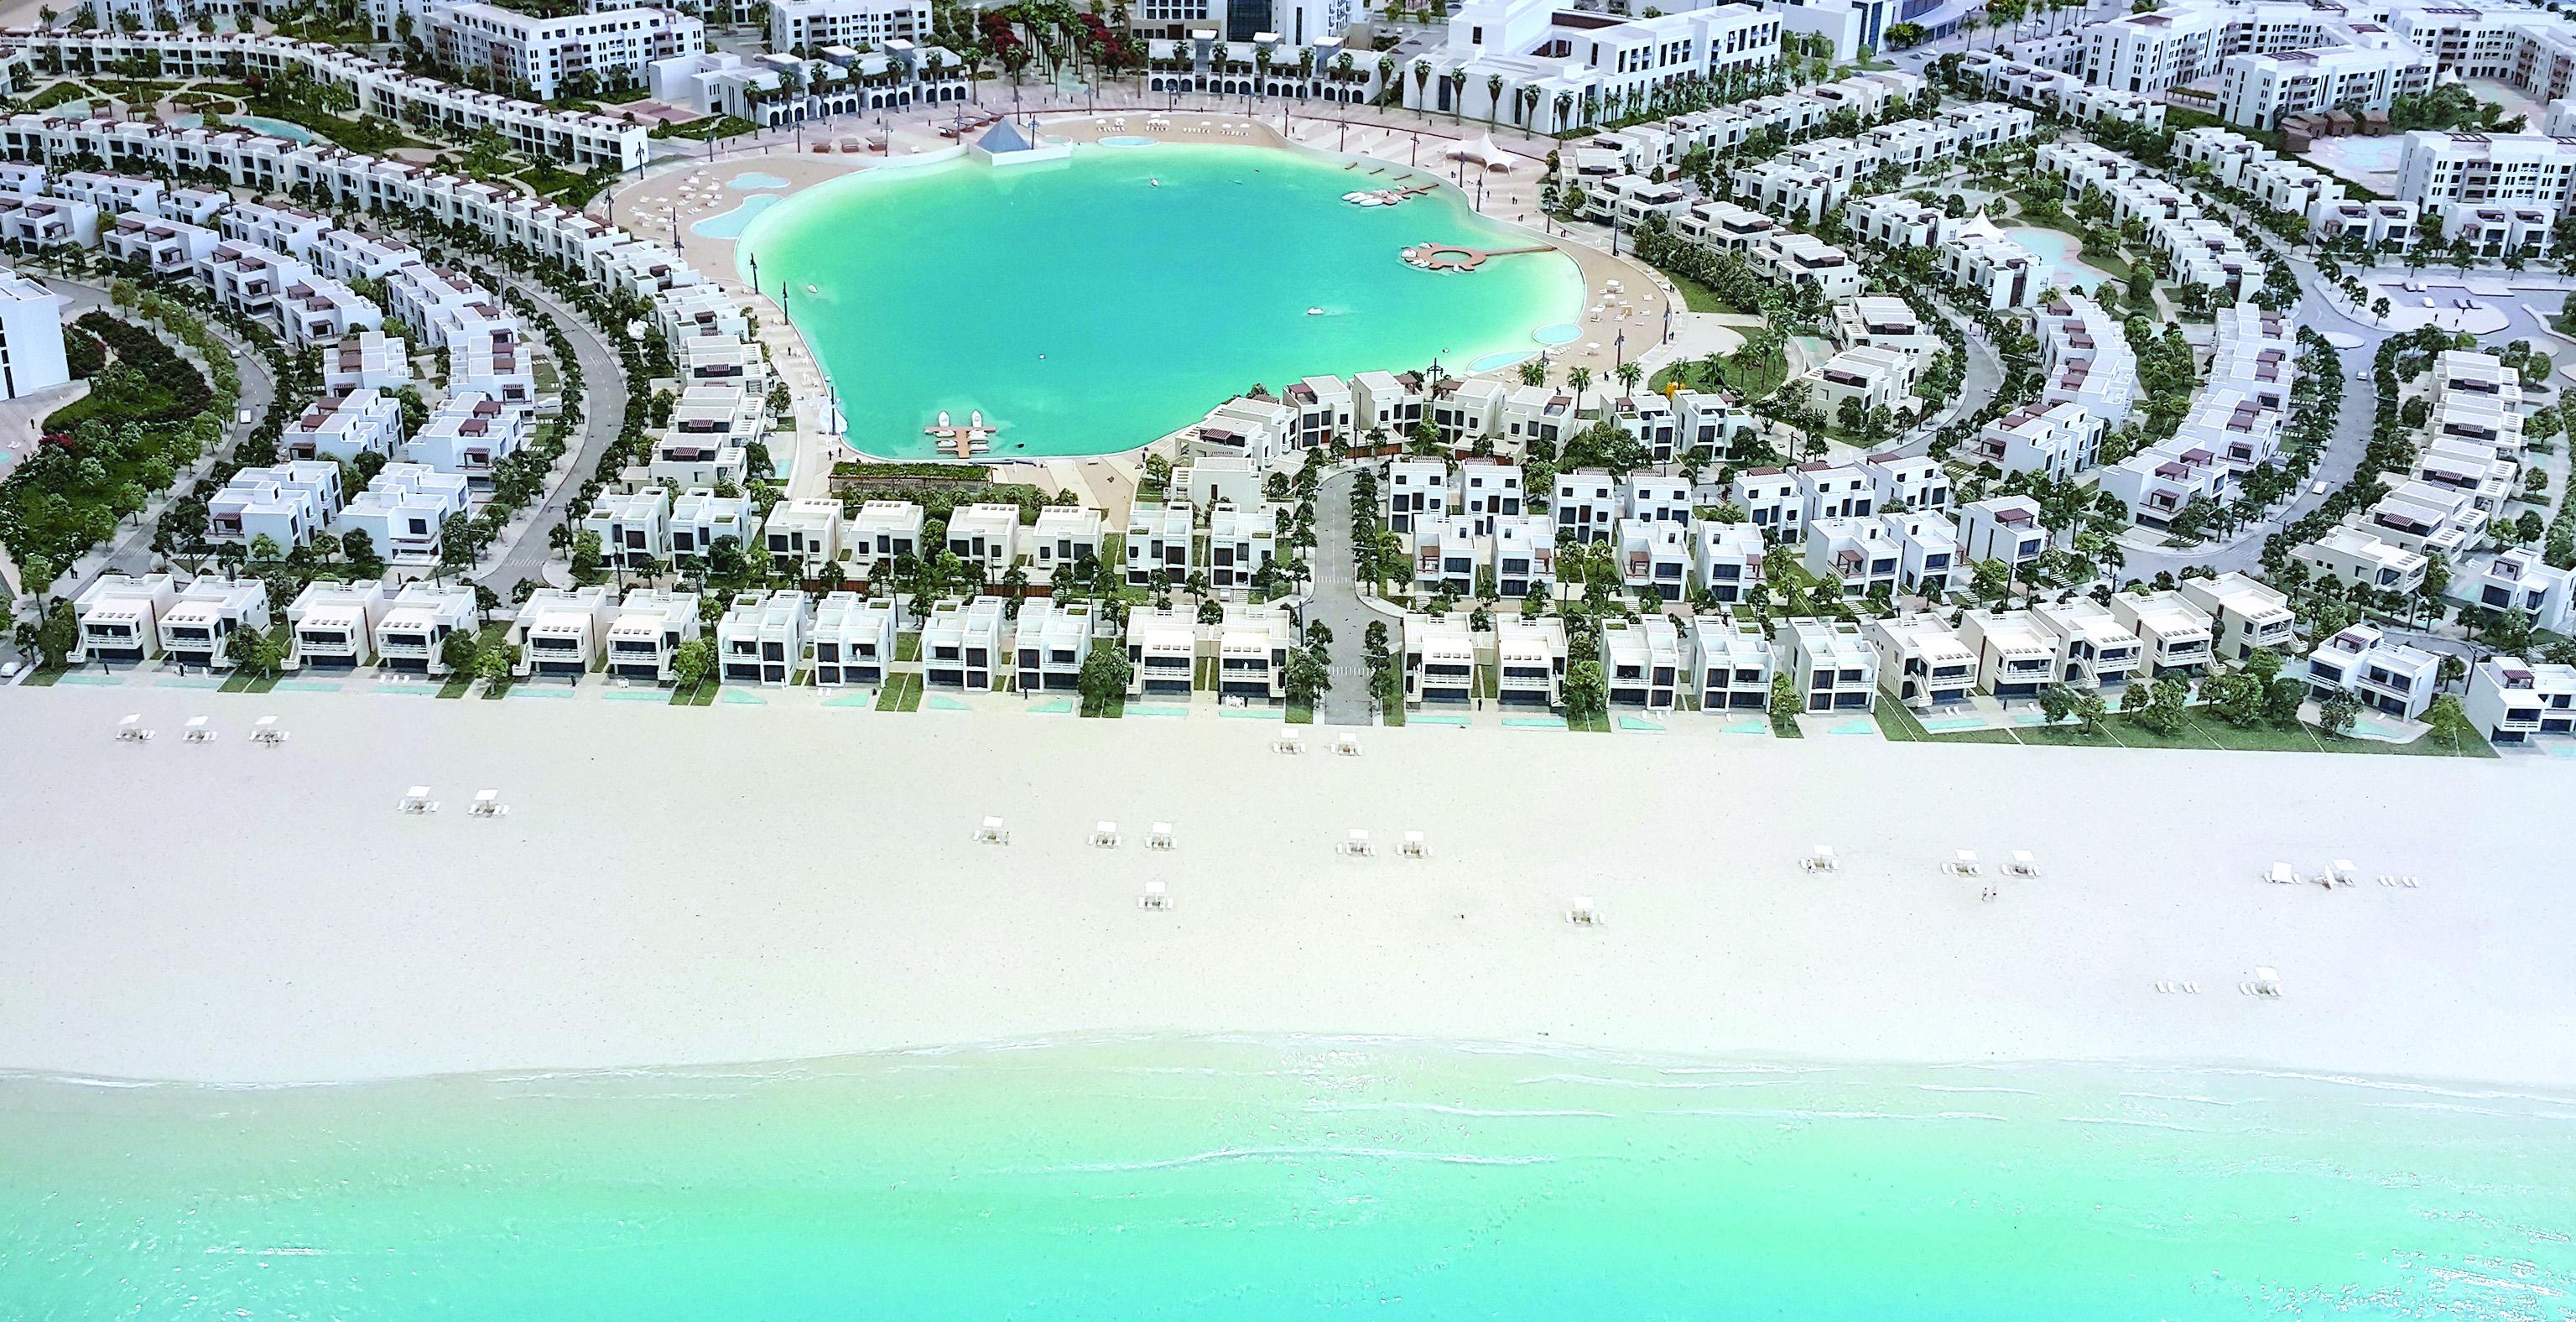 التوجهات الحكومية تشجع المستثمرين في السياحة